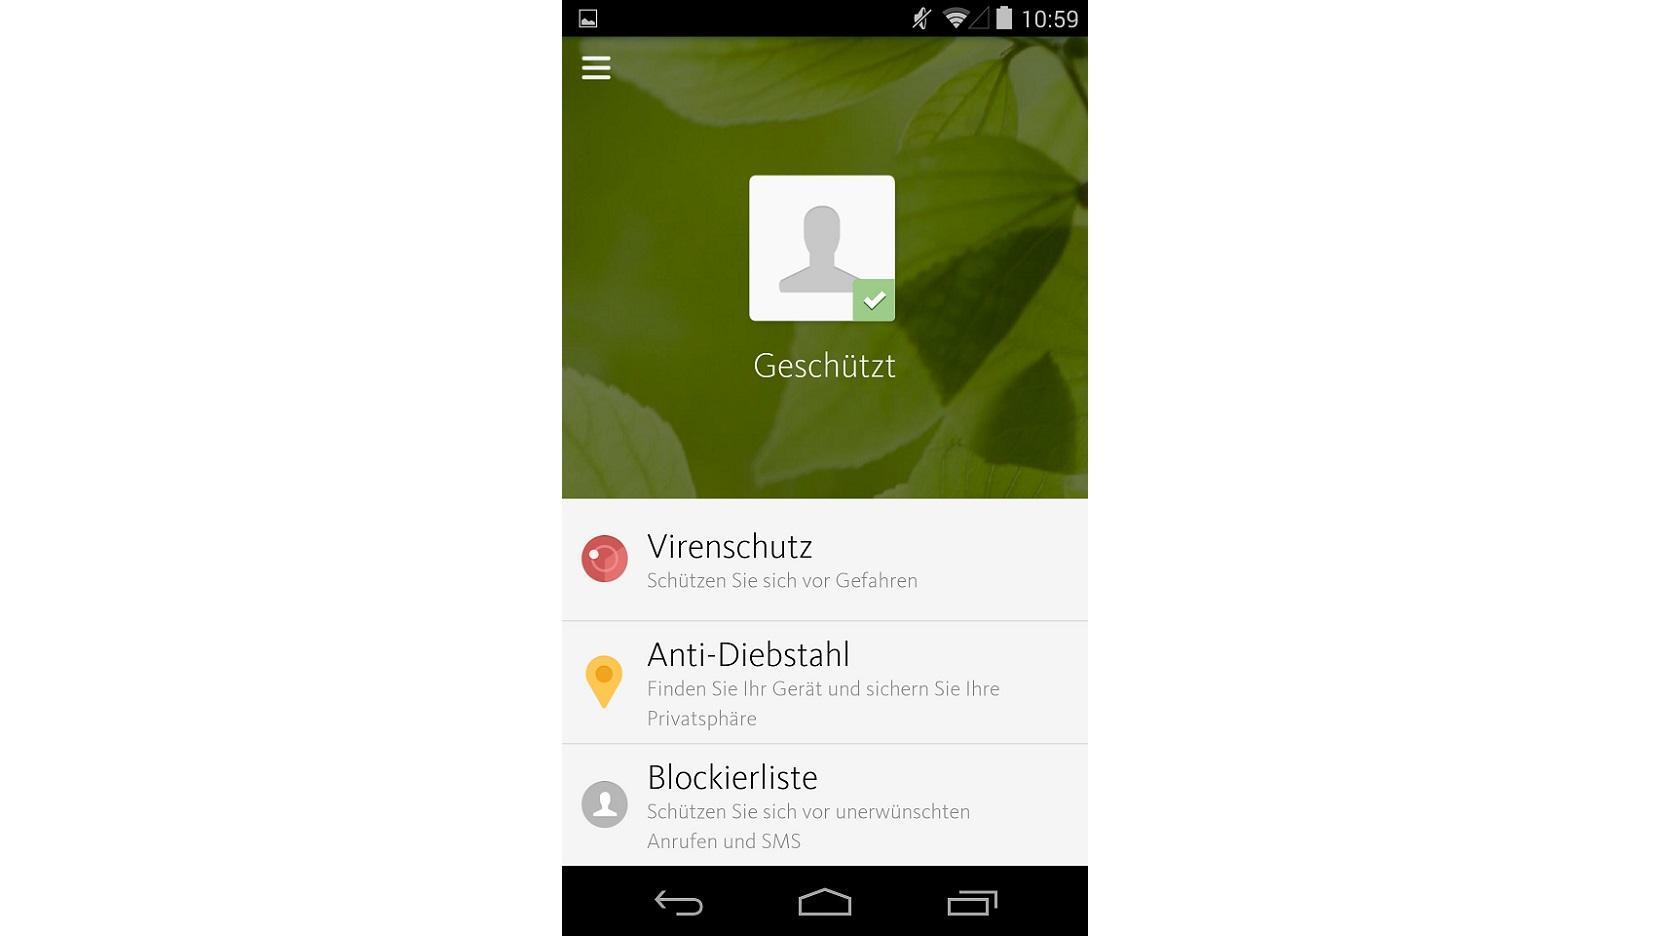 Mit der Avira Antivirus Security App können Sie sich über einen Viren- und Diebstahlschutz freuen